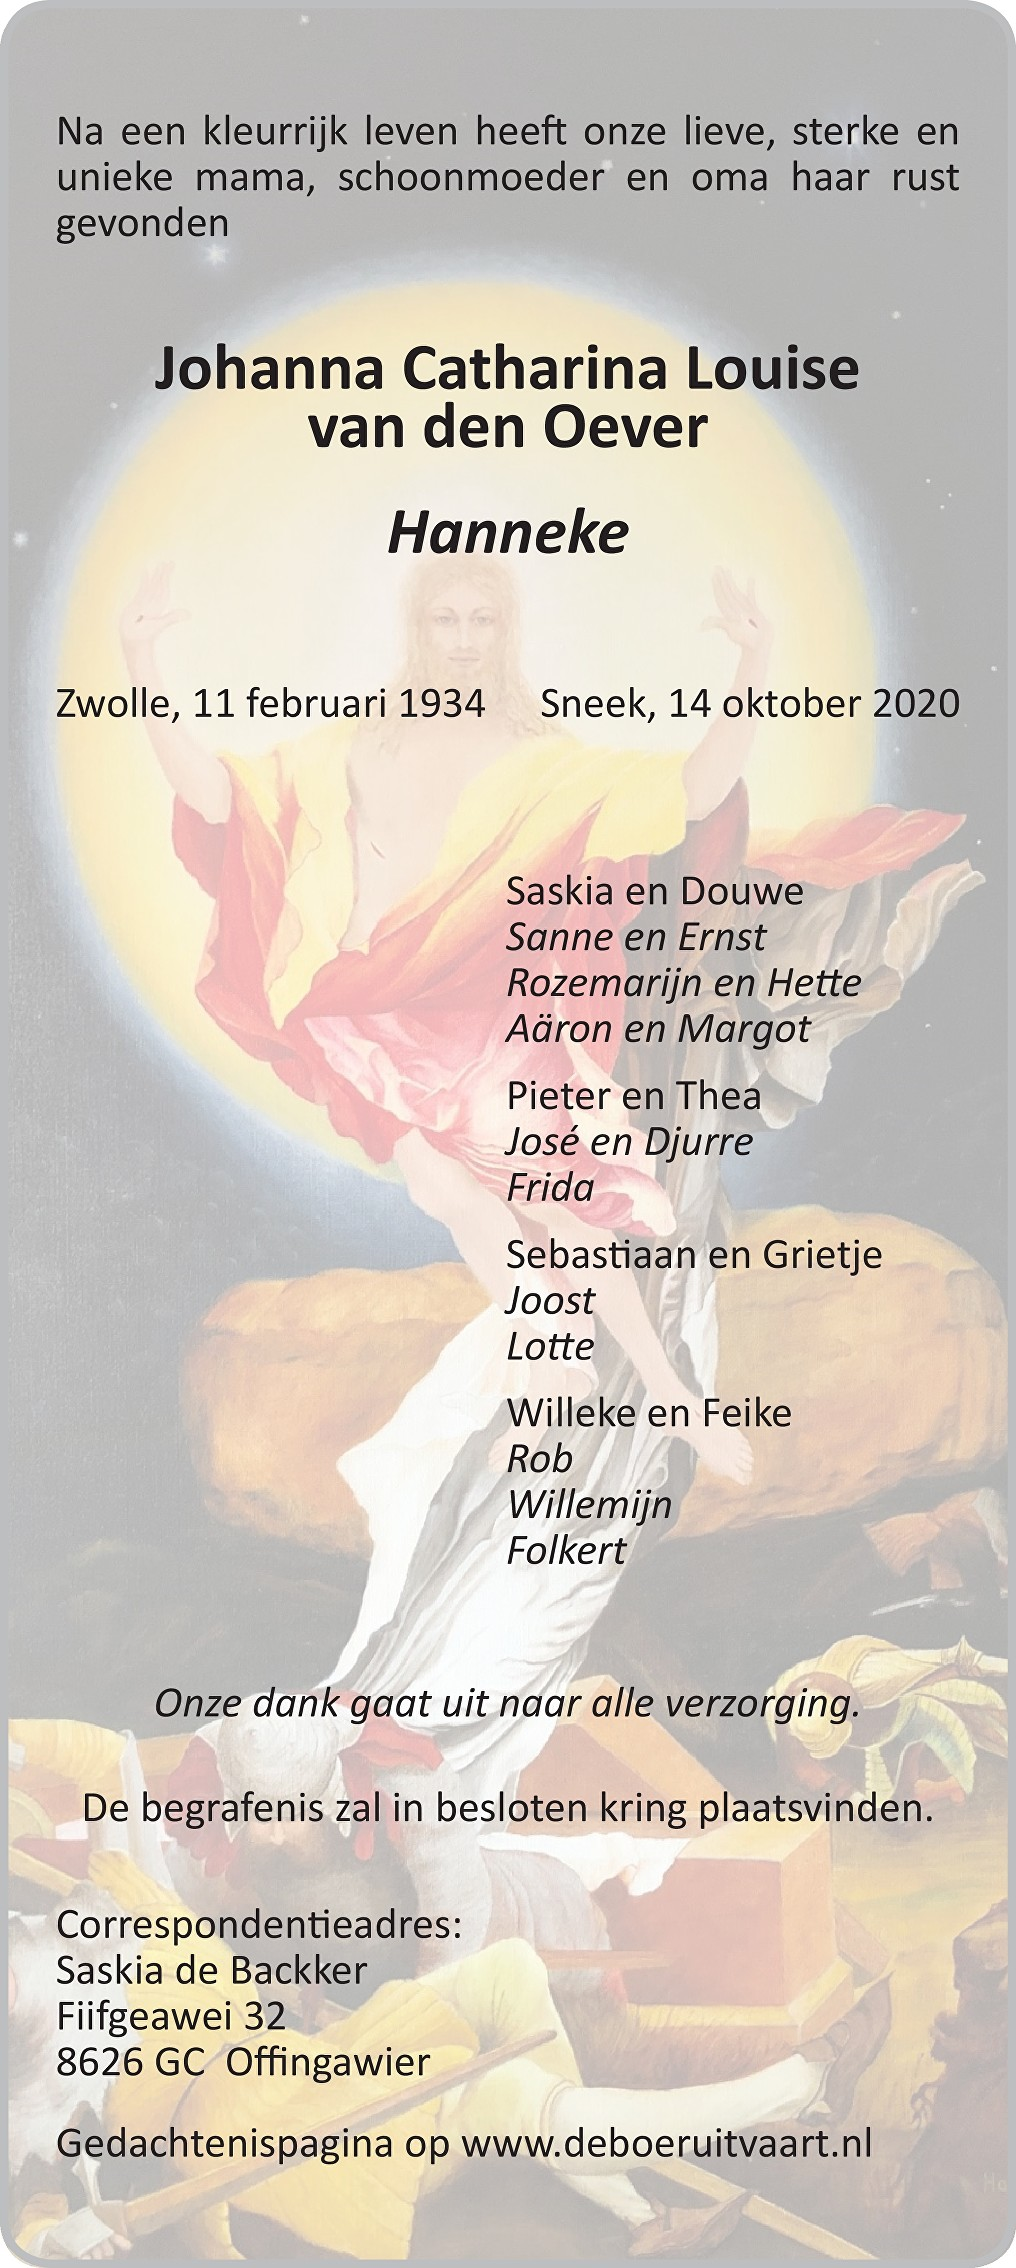 Hanneke van den Oever Death notice